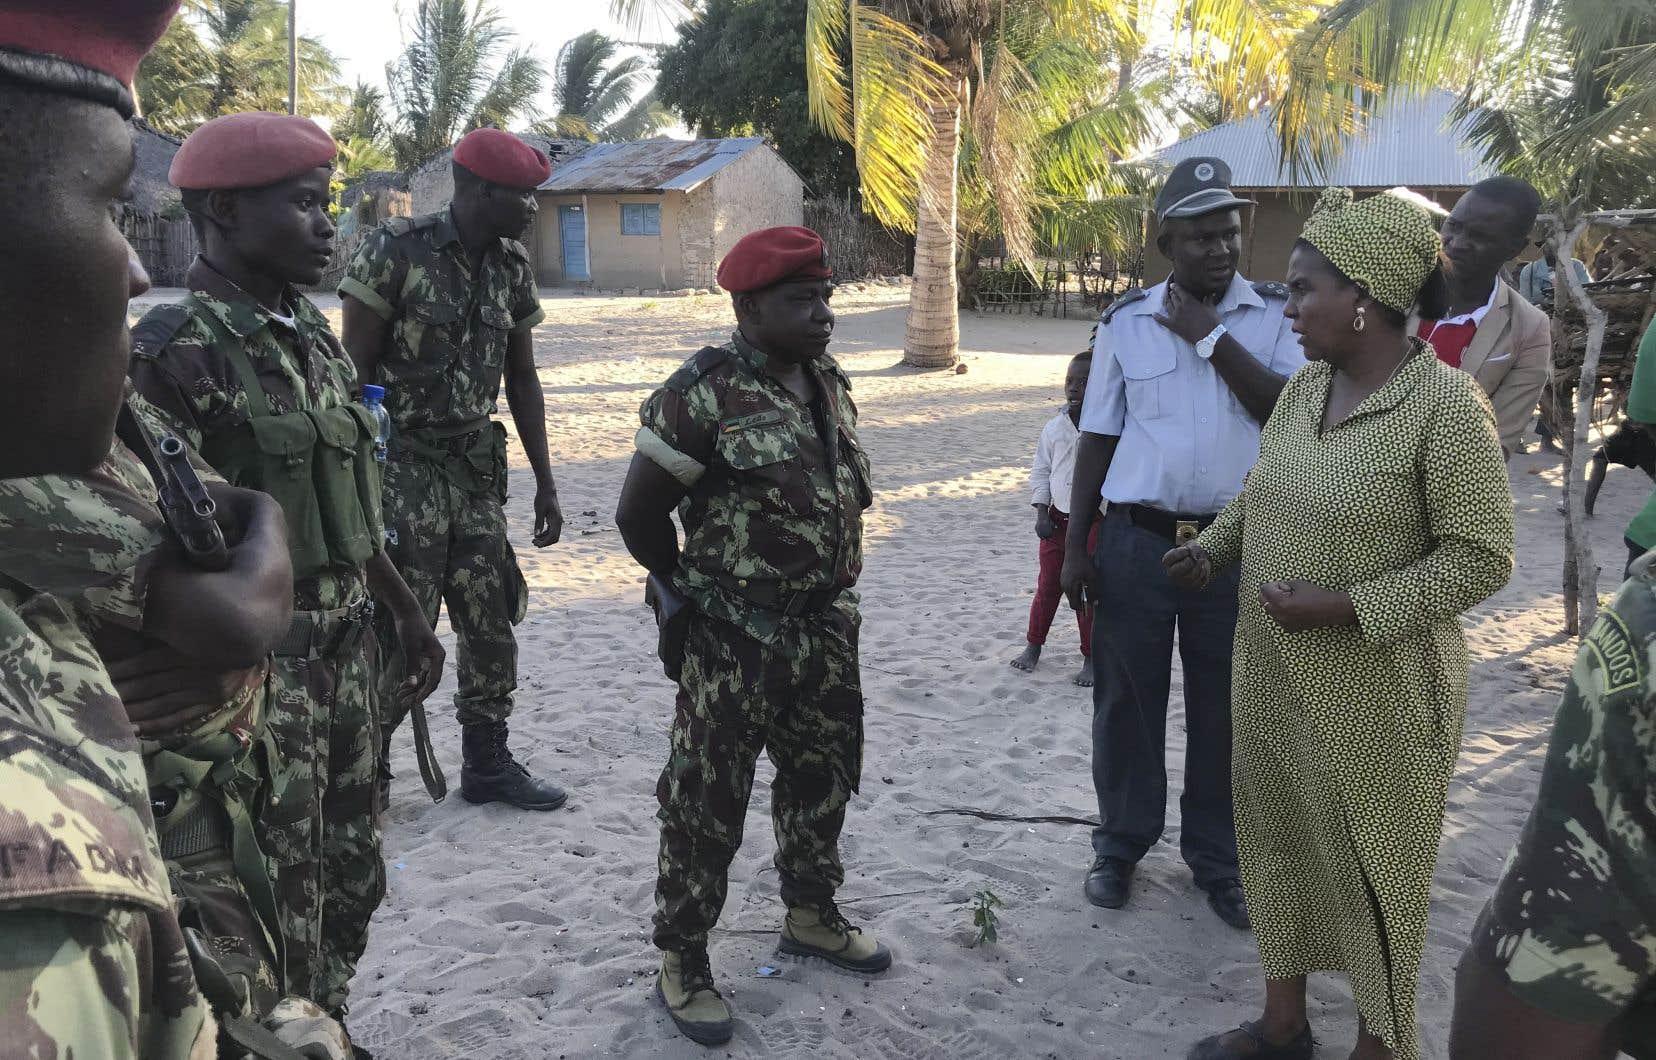 L'armée et la police ont nettement musclé leur présence dans la province du Cabo Delgado (nord), théâtre des attaques attribuées aux islamistes, afin de les mettre hors d'état de nuire. Jusqu'à présent en vain.